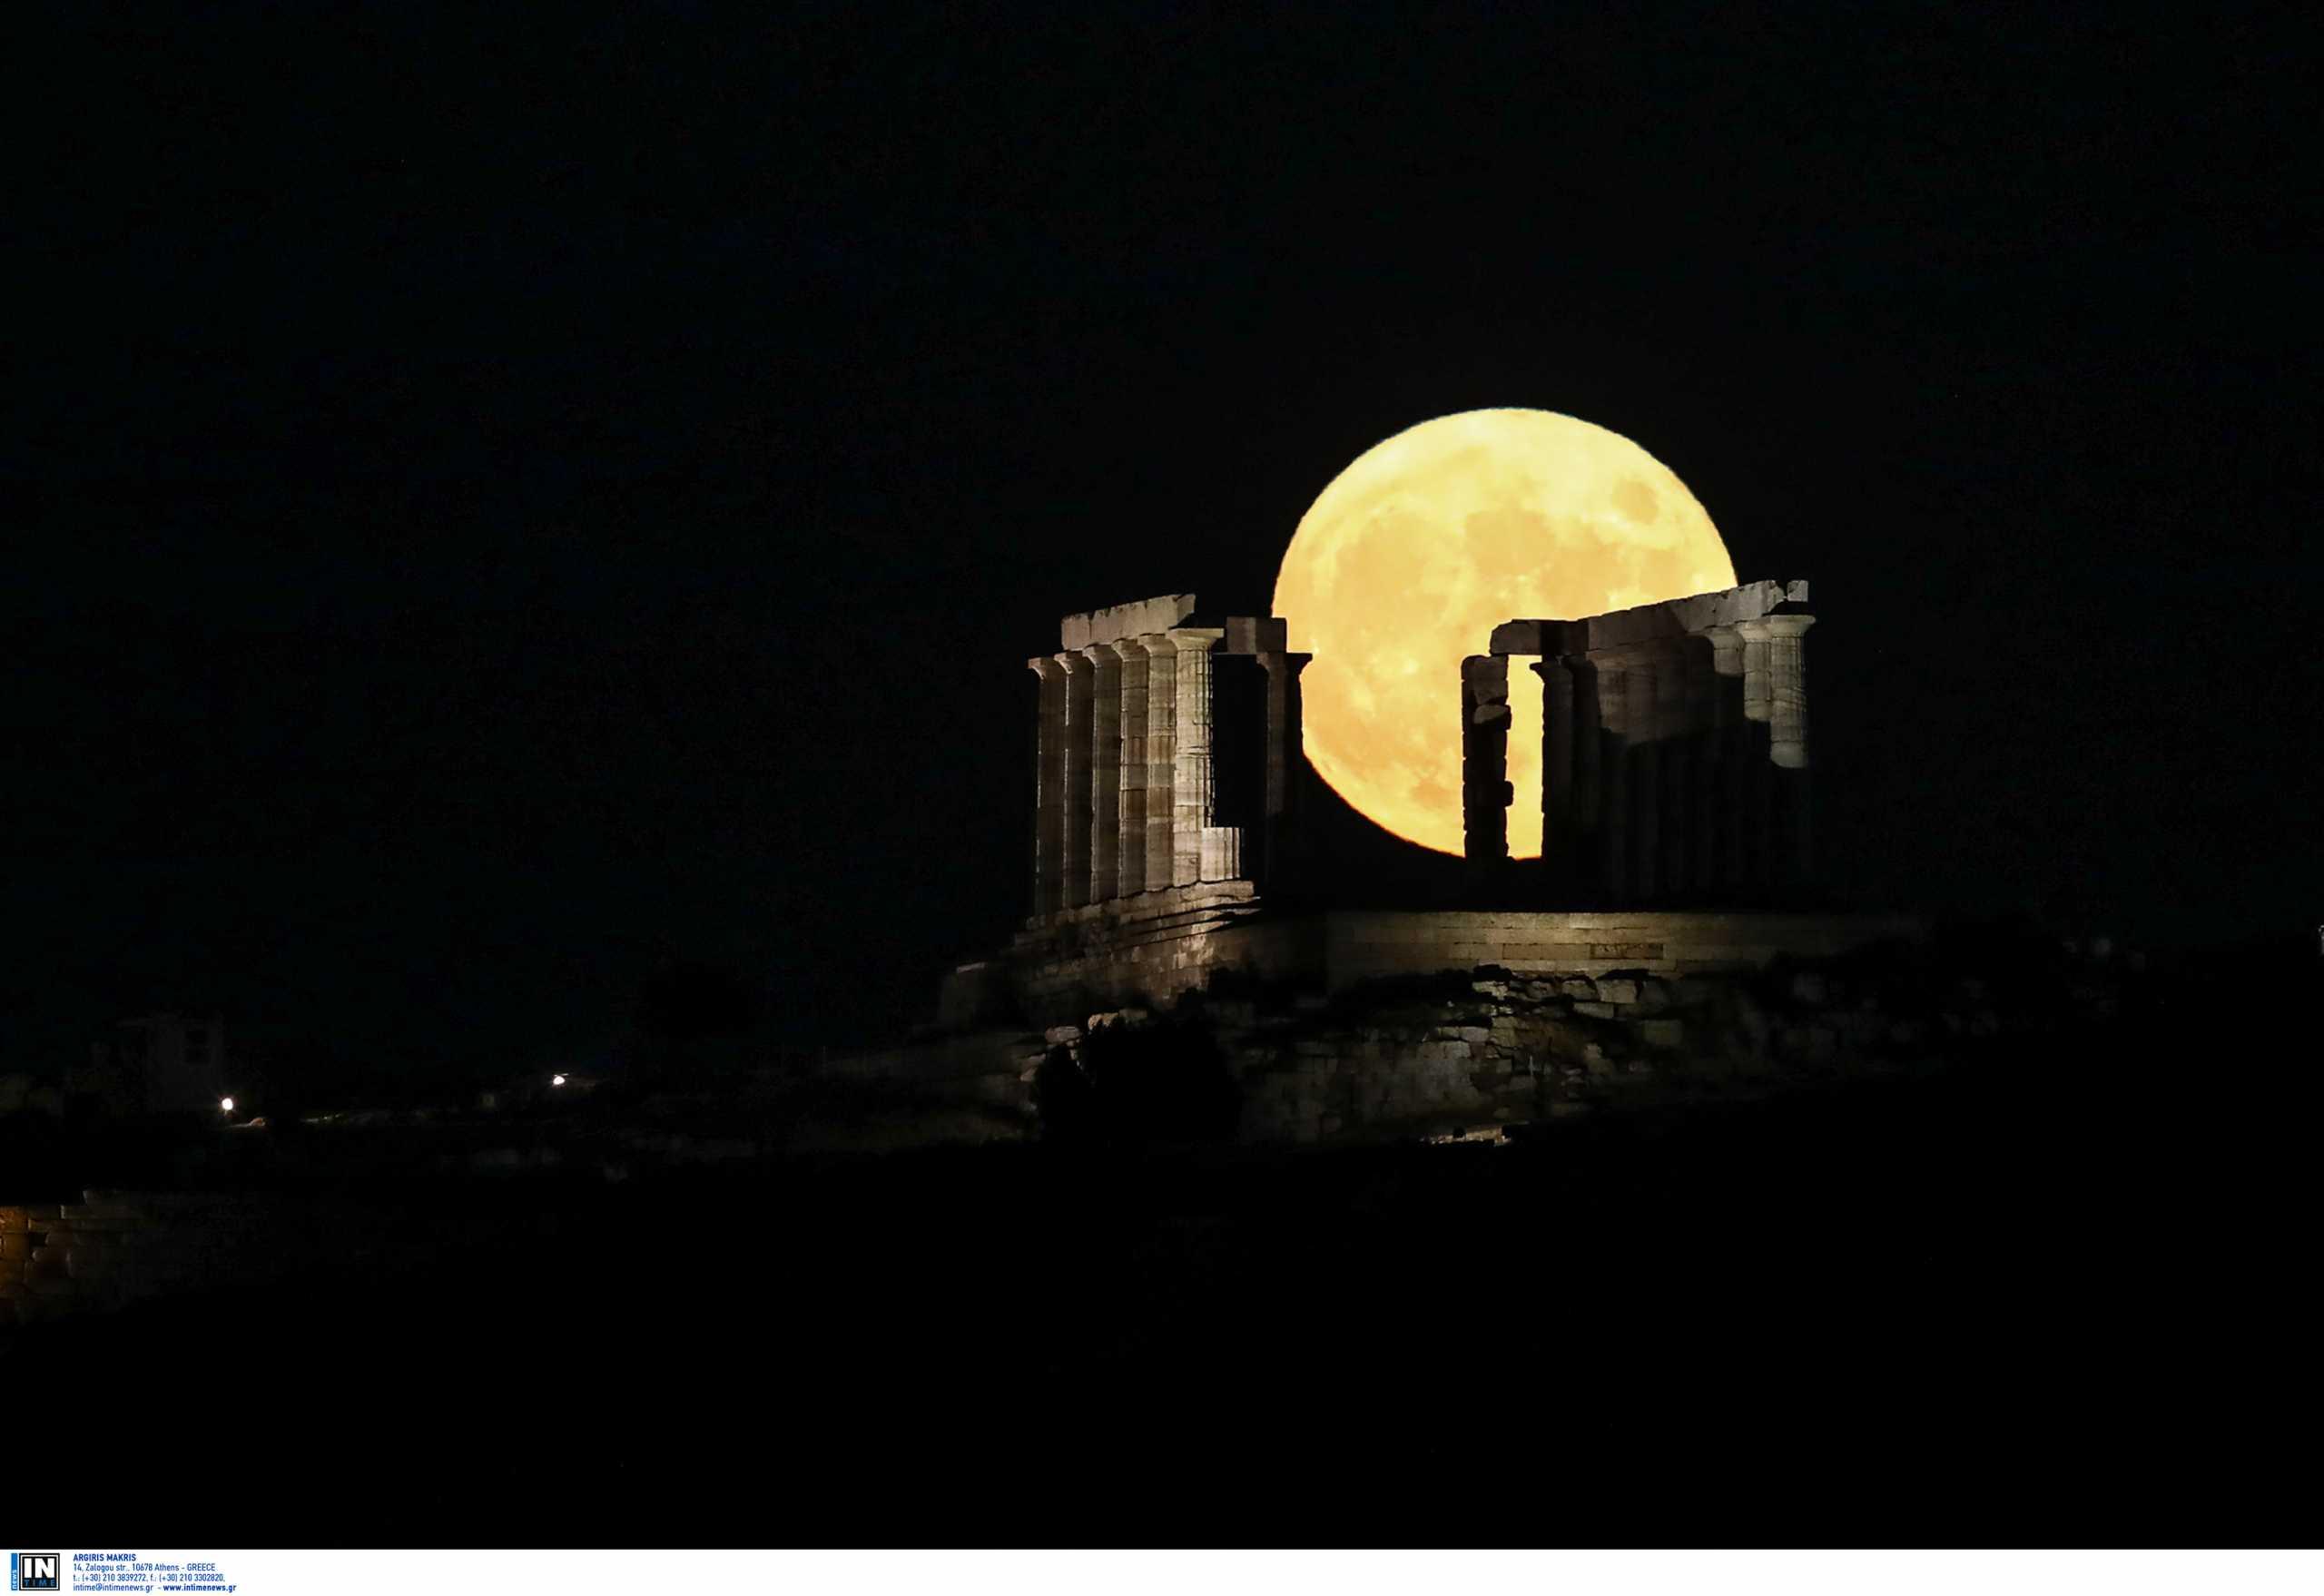 Πανσέληνος Αυγούστου: Μια μεγάλη οπτική απάτη – Η έξαρση της «τρέλας» και οι μύθοι της Σελήνης